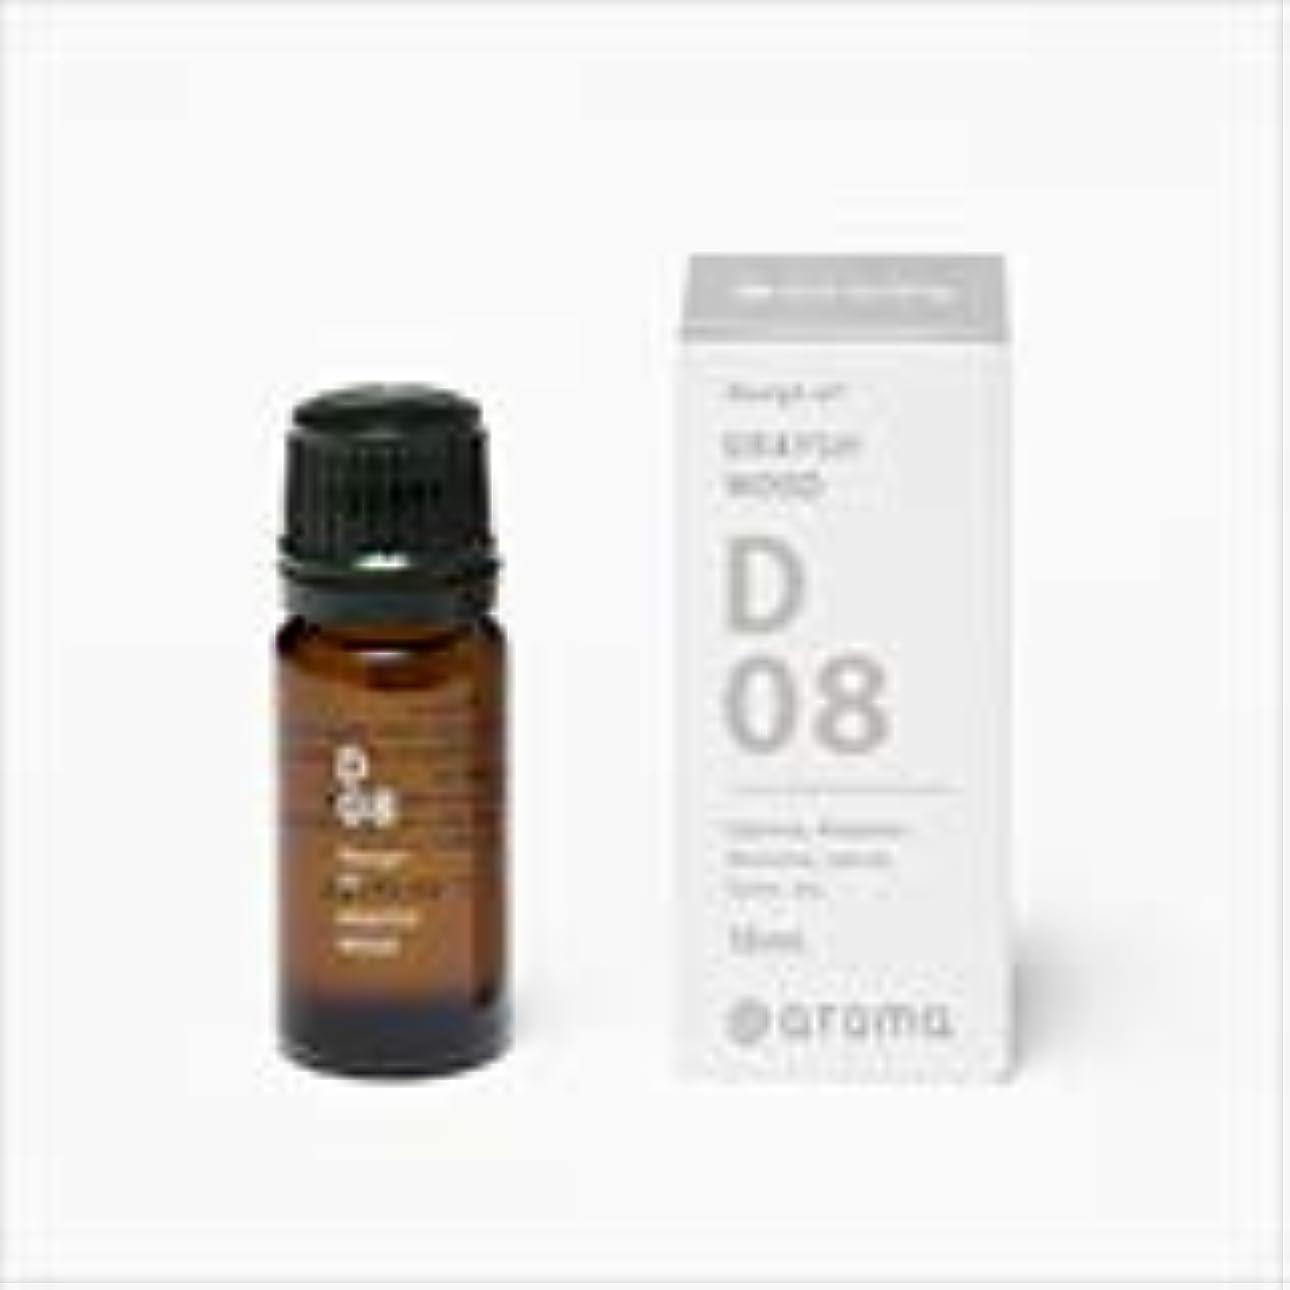 上院議員行為控えめなアットアロマ 100%pure essential oil <Design air グレイッシュウッド>